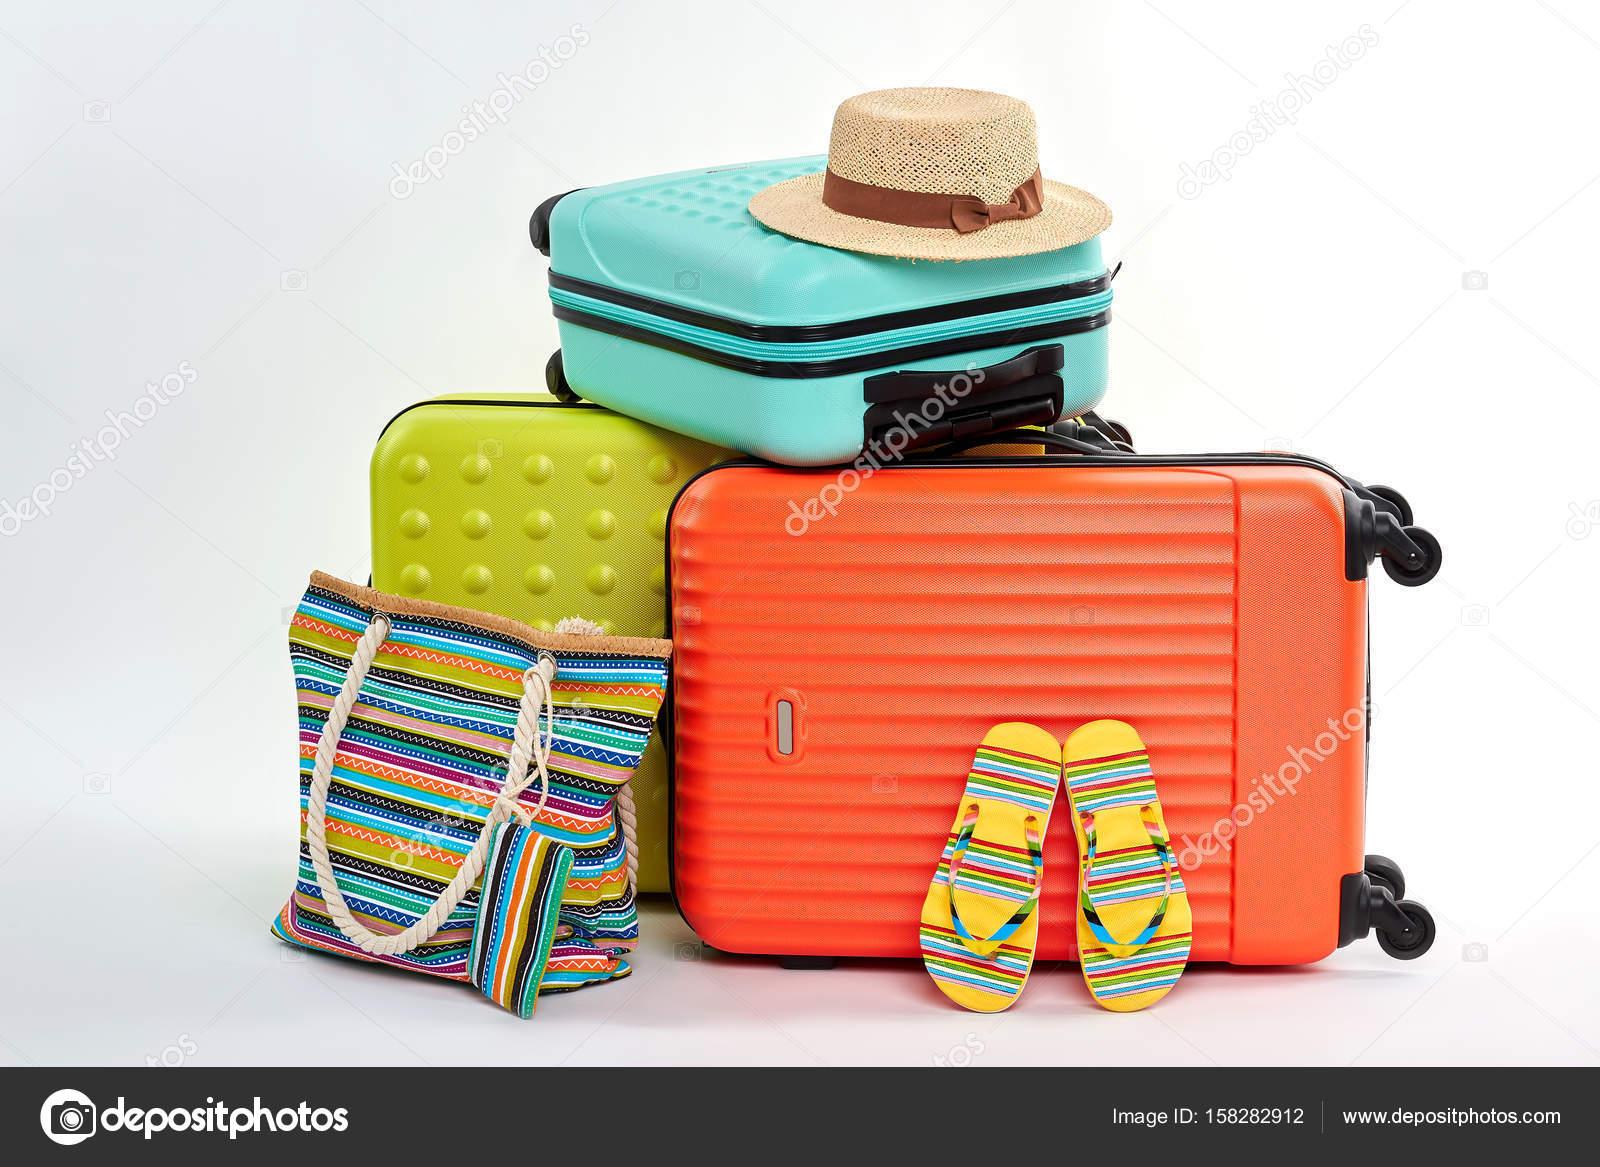 01d08dd2956e Женщины сальто и Сумки, чемоданы — Стоковое фото © Denisfilm #158282912